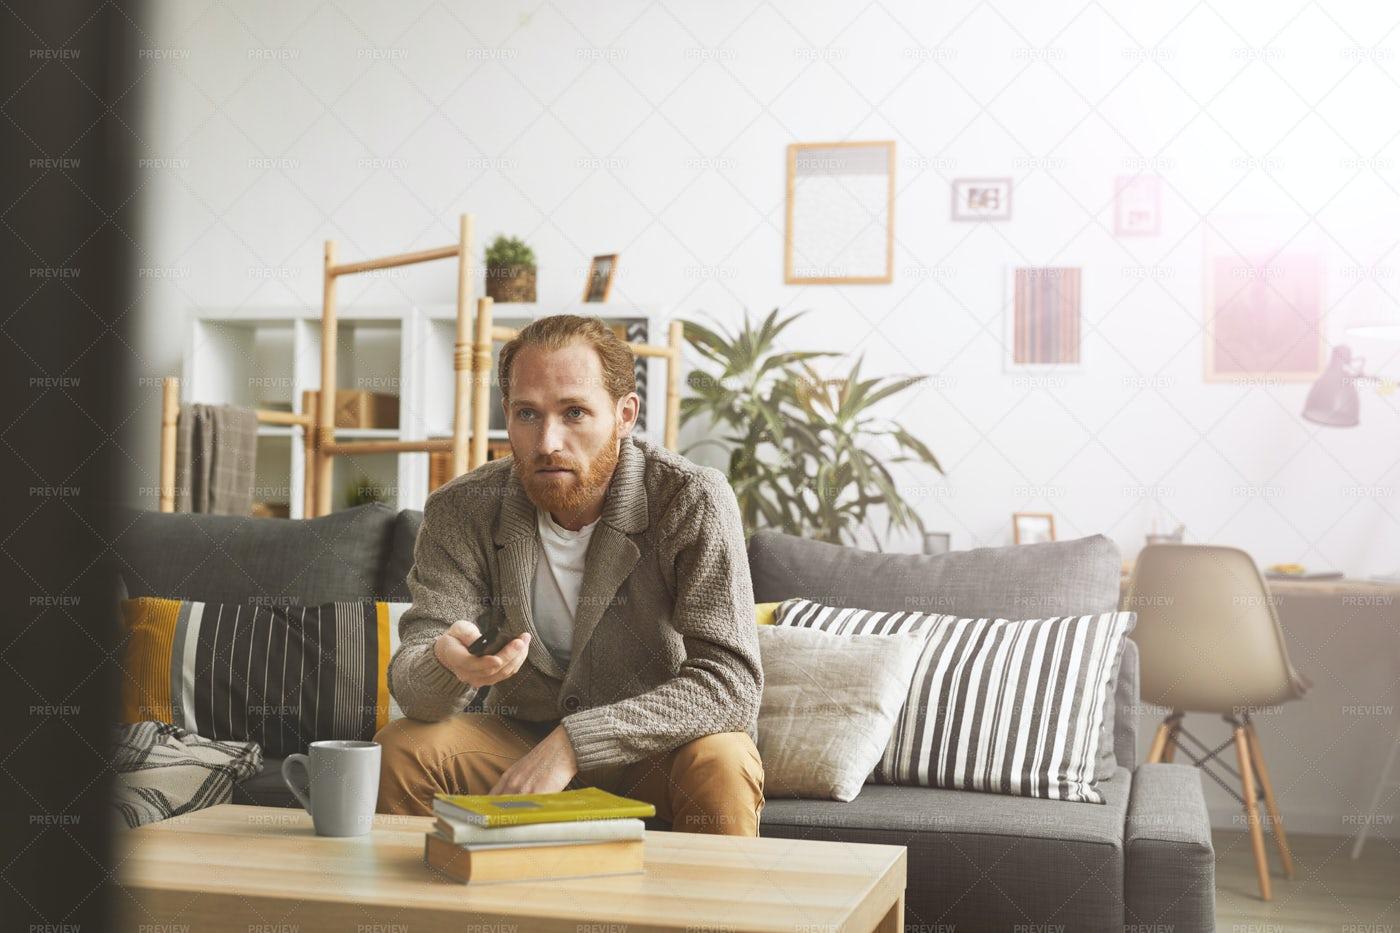 Man Watching TV At Home: Stock Photos